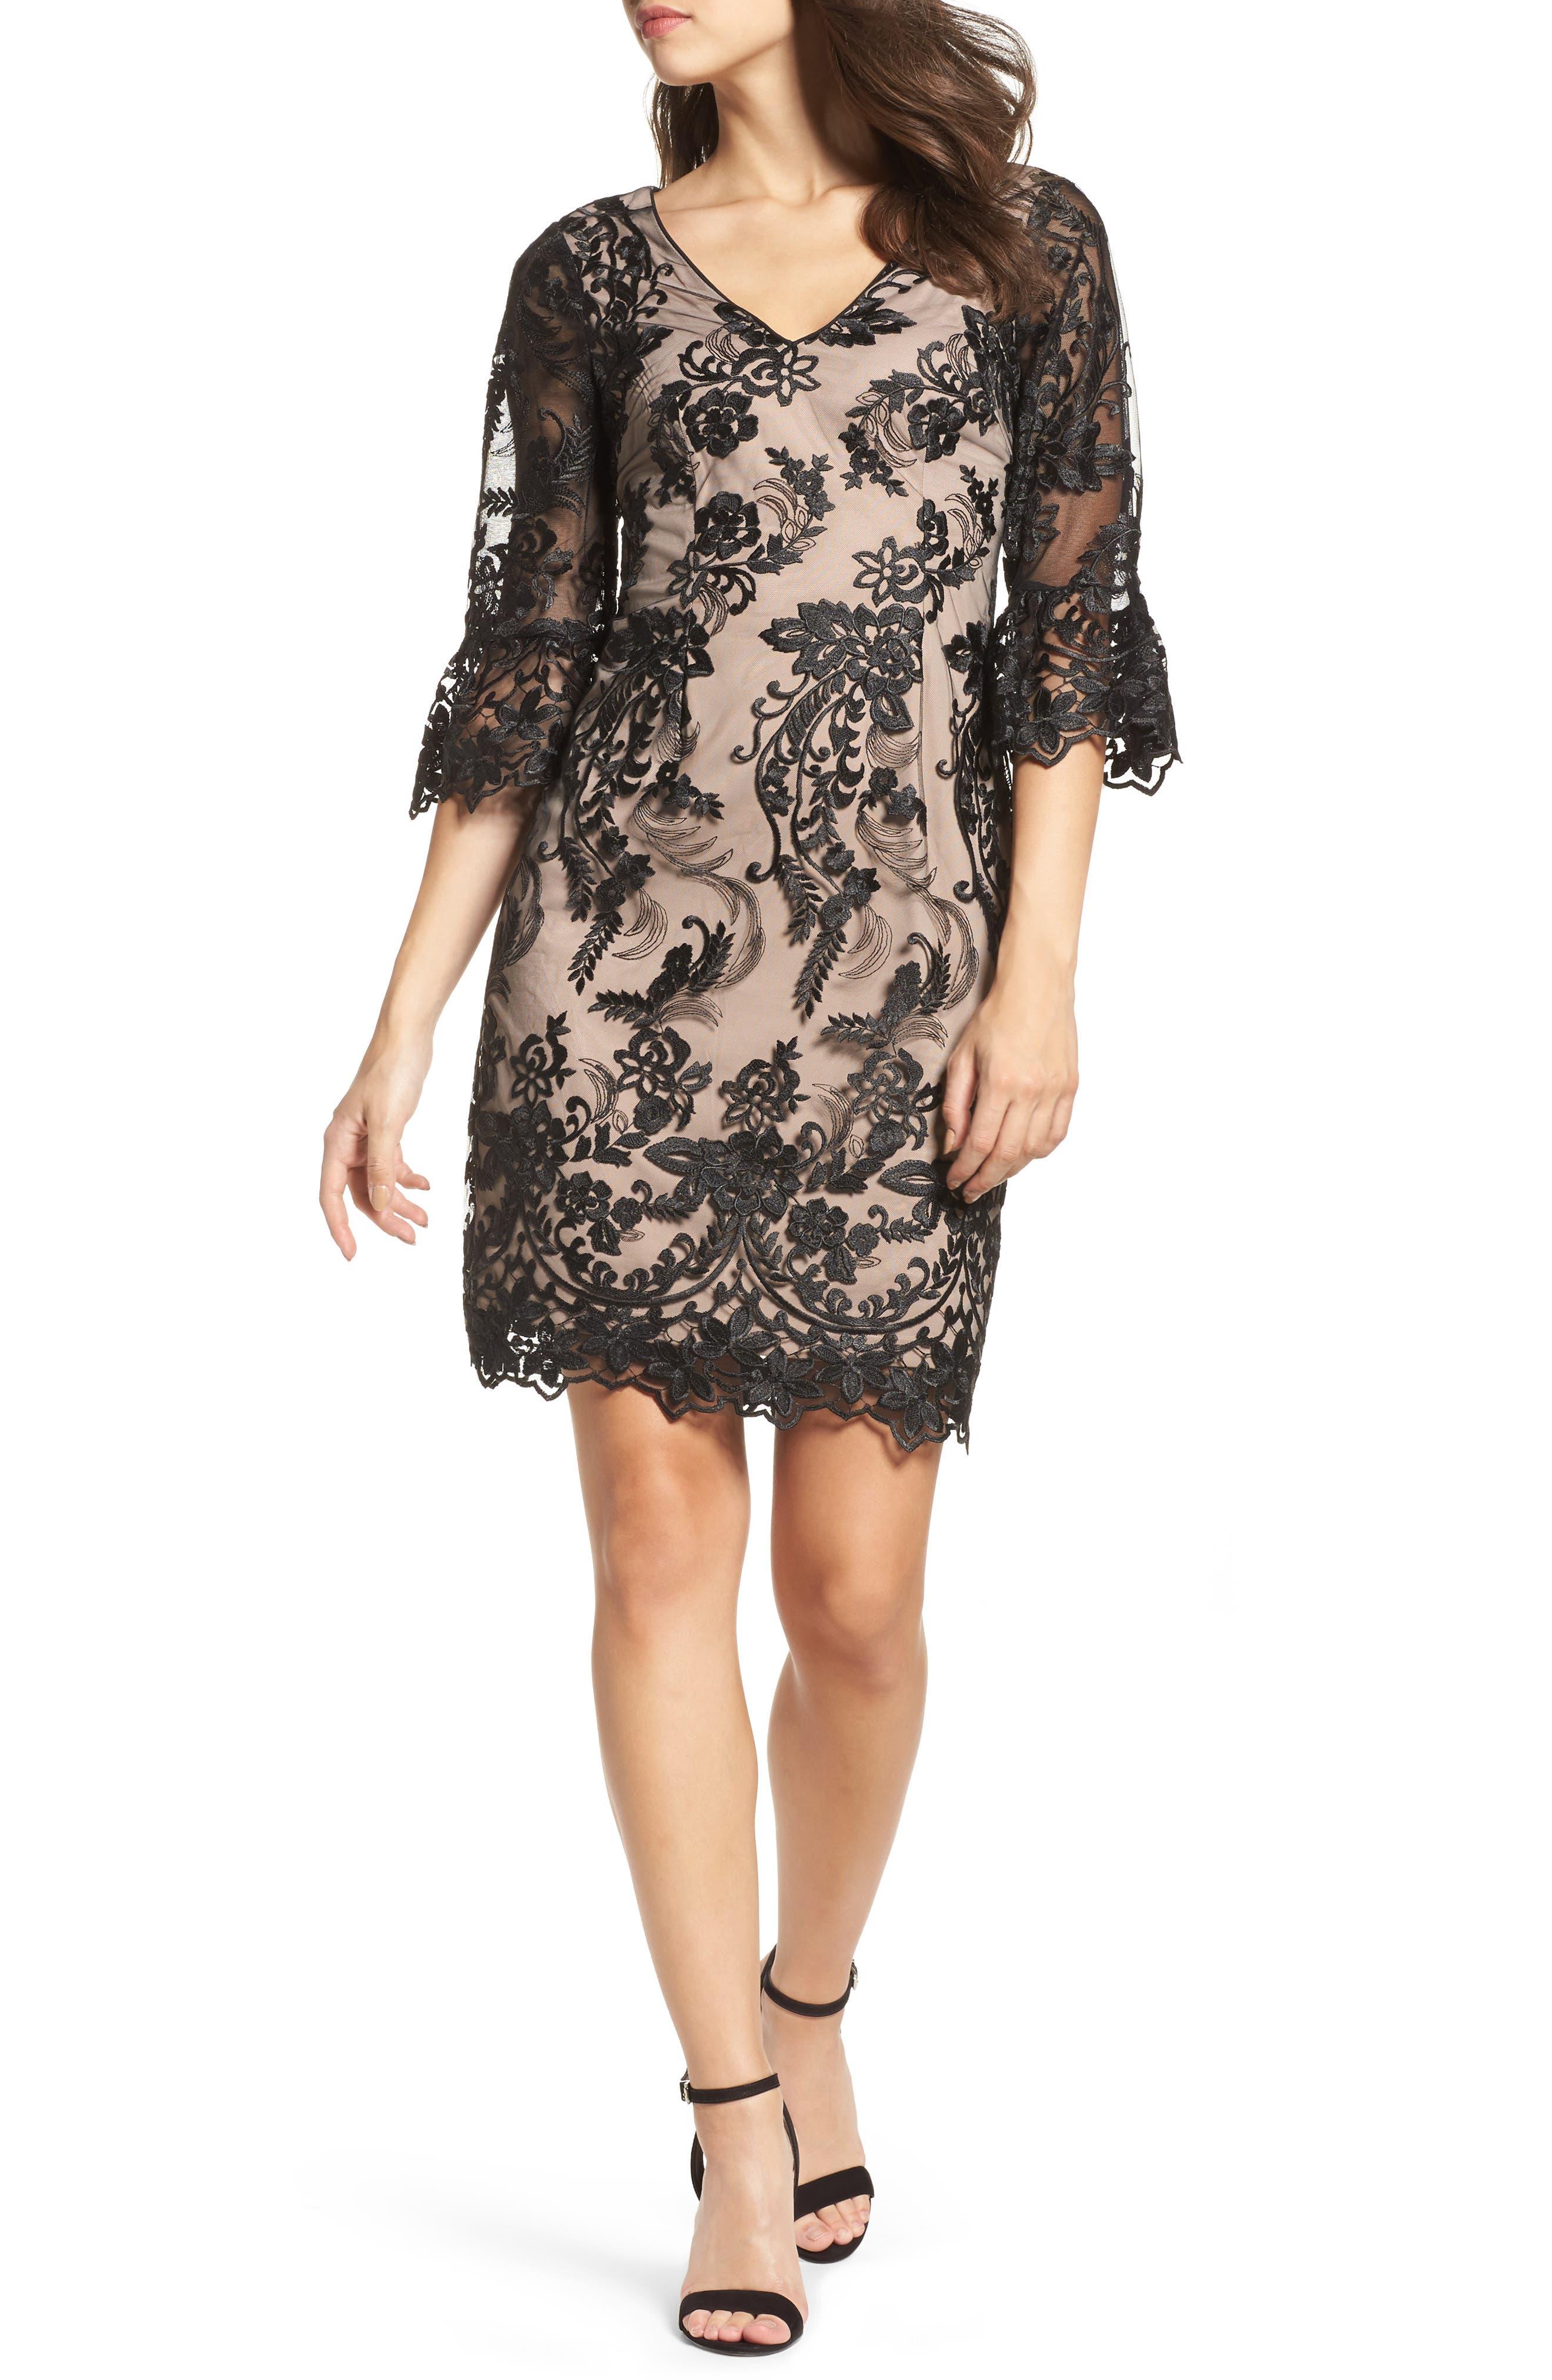 Eillen Embroidered Lace Dress,                             Main thumbnail 1, color,                             Black/ Bisque